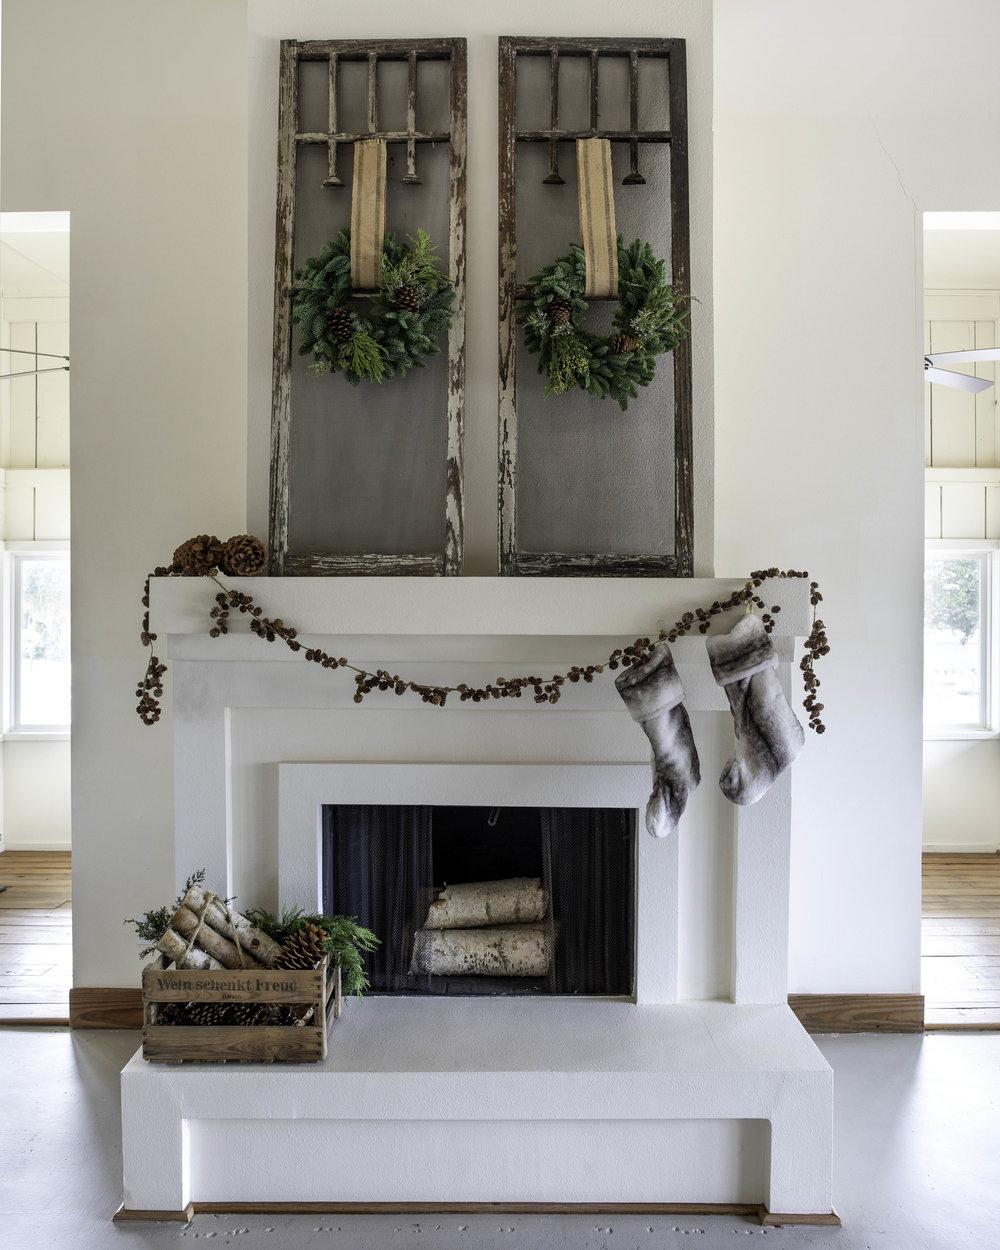 Fireplace Full IG.jpg